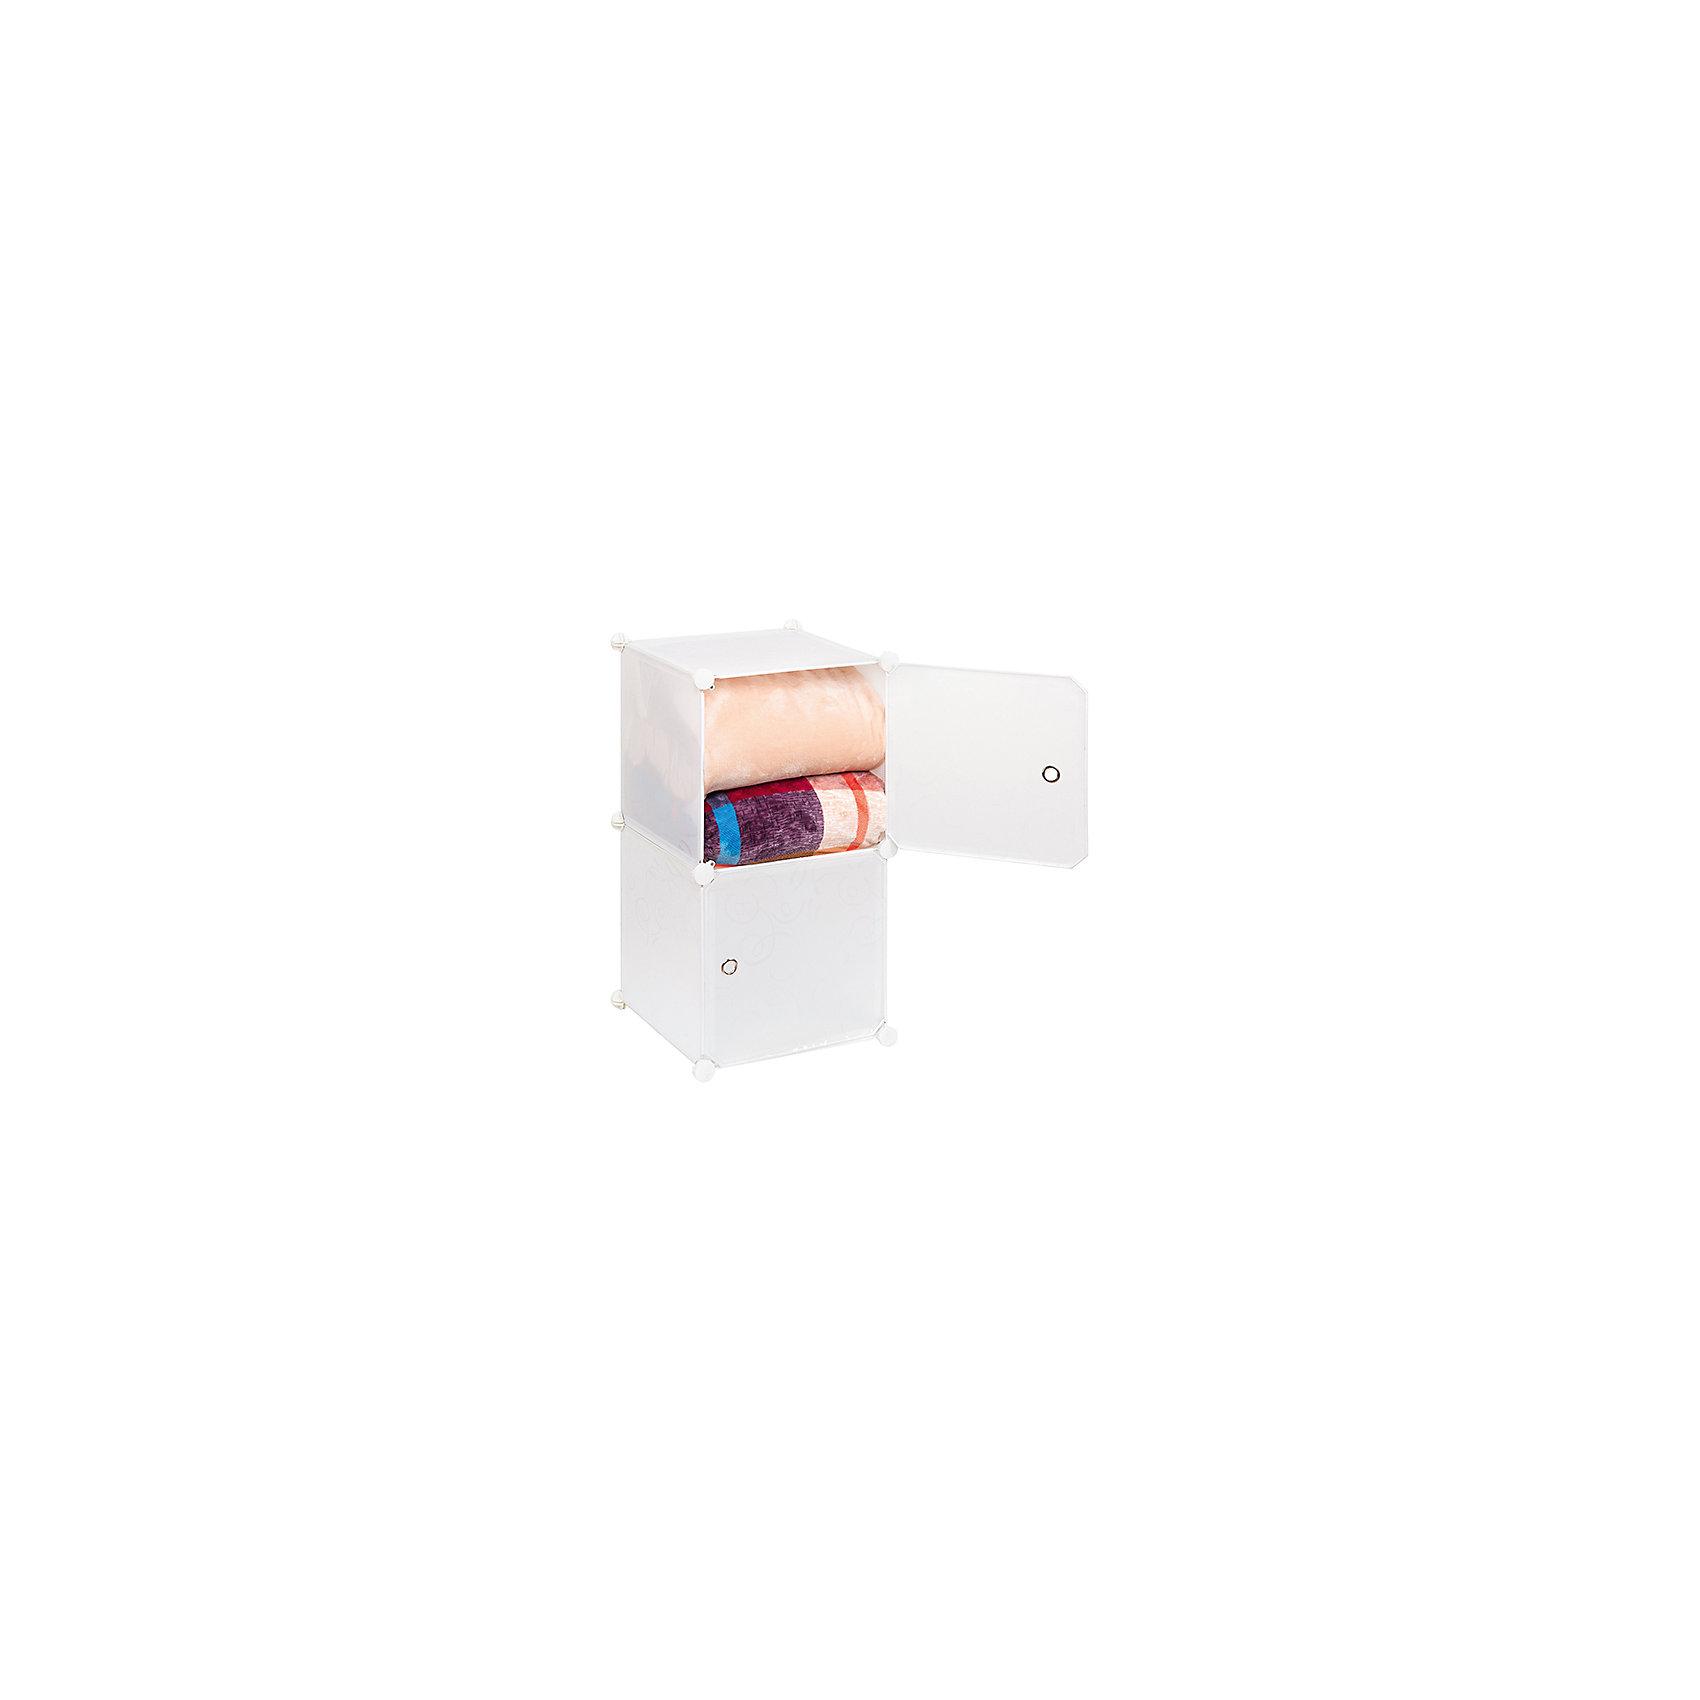 Полка складная для модульного системы хранения 37*39*74 см. Белая с узором, EL CasaПорядок в детской<br>Модульный стеллаж предназначен  для хранения одежды, мелочей и игрушек, легкий, вместительный, быстро собирается, не занимает много места,  имеет разные варианты сборки, комбинируется с другими полками  модульных систем бренда EL Casa. Полка состоит из сборного металлического каркаса, на который натянуты панели из полипропилена. Дверца на магните, ручка в виде отверстия. <br>Компактный стеллаж  будет полезен и дома, и на даче,  расцветка позволит стеллажу вписаться в любой интерьер.<br><br>Ширина мм: 420<br>Глубина мм: 370<br>Высота мм: 52<br>Вес г: 2000<br>Возраст от месяцев: 0<br>Возраст до месяцев: 1188<br>Пол: Унисекс<br>Возраст: Детский<br>SKU: 6668792